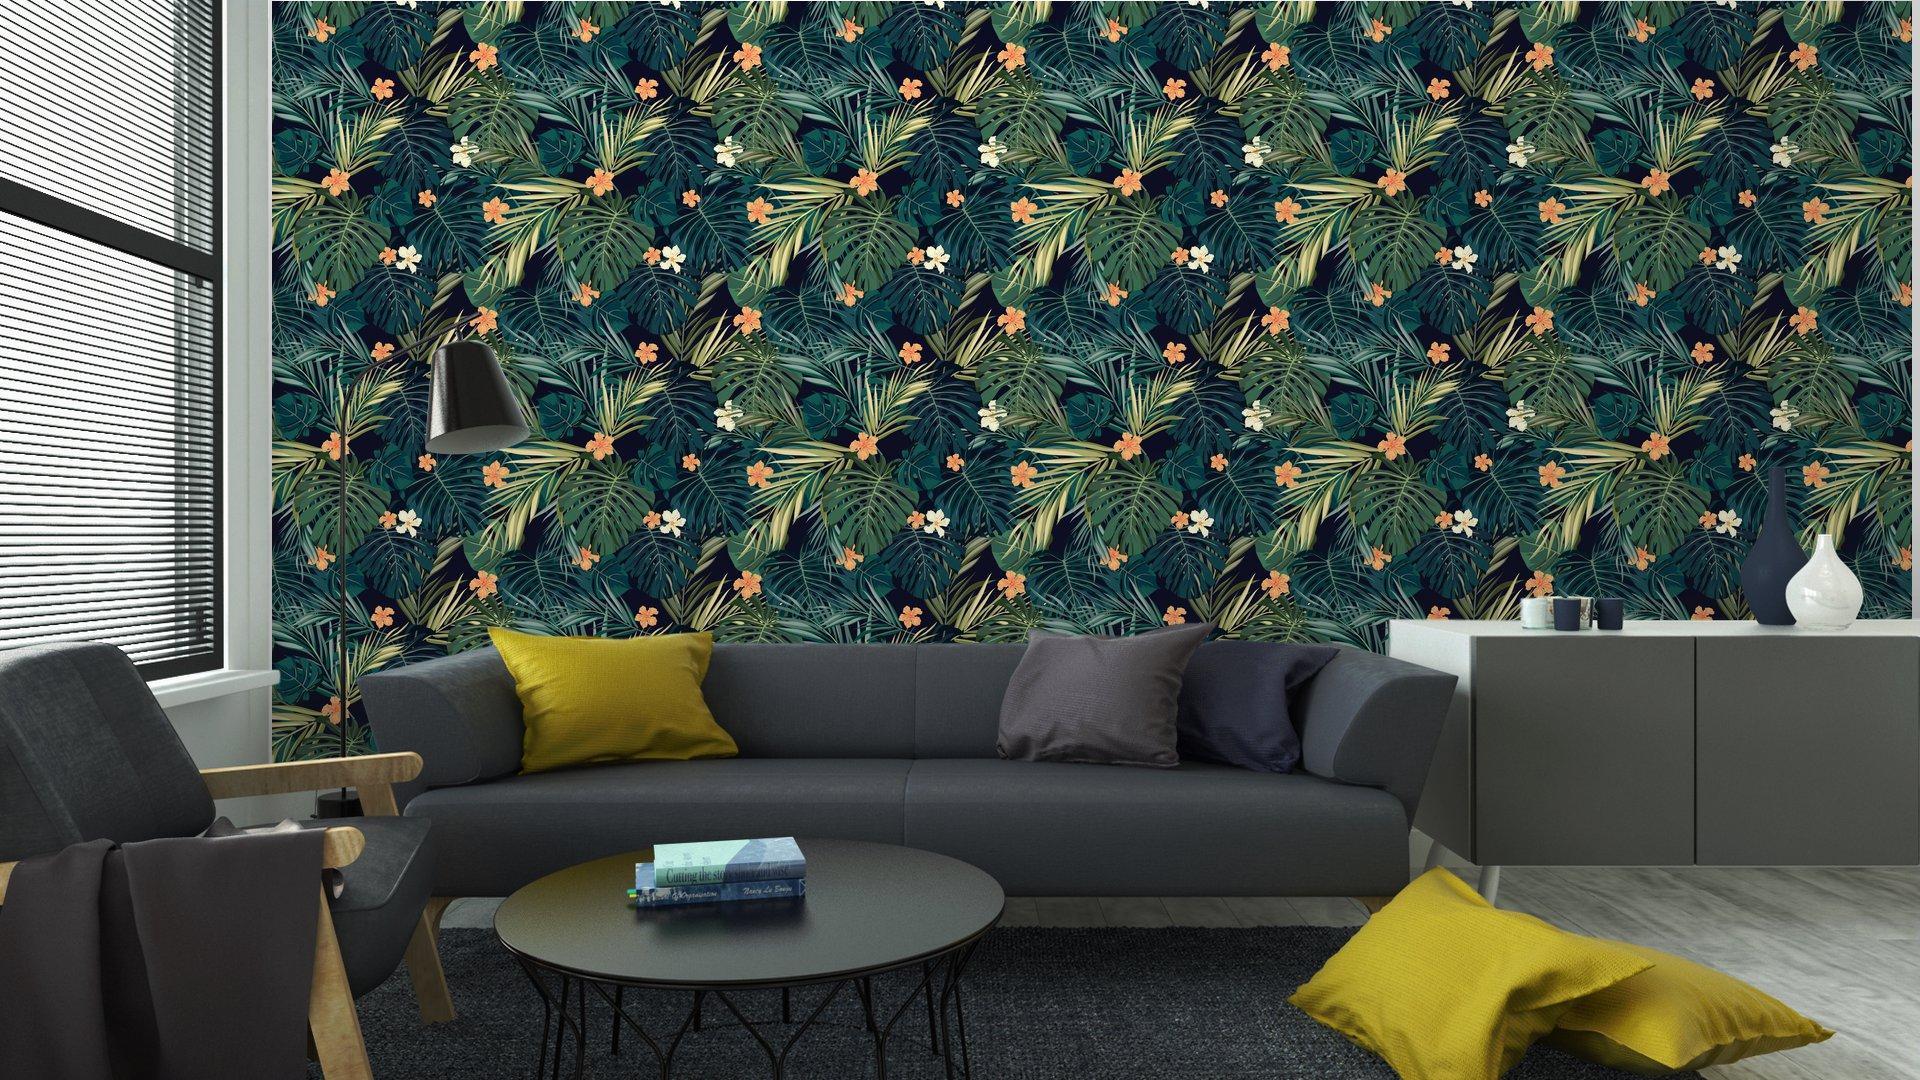 Fotomurales mexico papeles pintados fondo transparente de colores tropicales brillantes con hojas y 4 - Papel Tapiz Hojas Tropicales 01